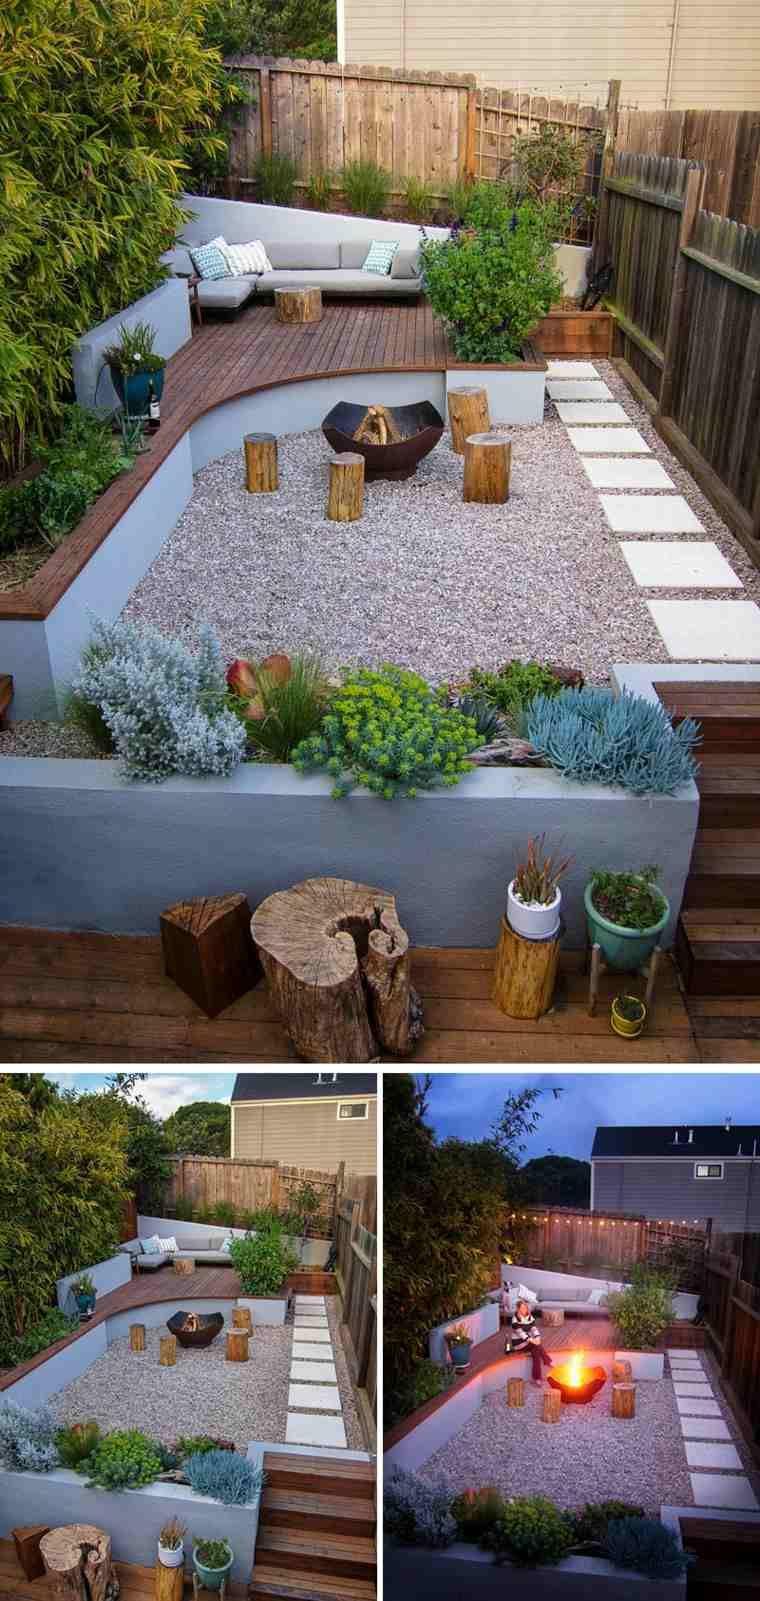 Amenagement Cour Interieure Feu Plantes Succulentes Gravier Une Proprete Et Un Design Inimitable Modern Landscaping Small Backyard Landscaping Backyard